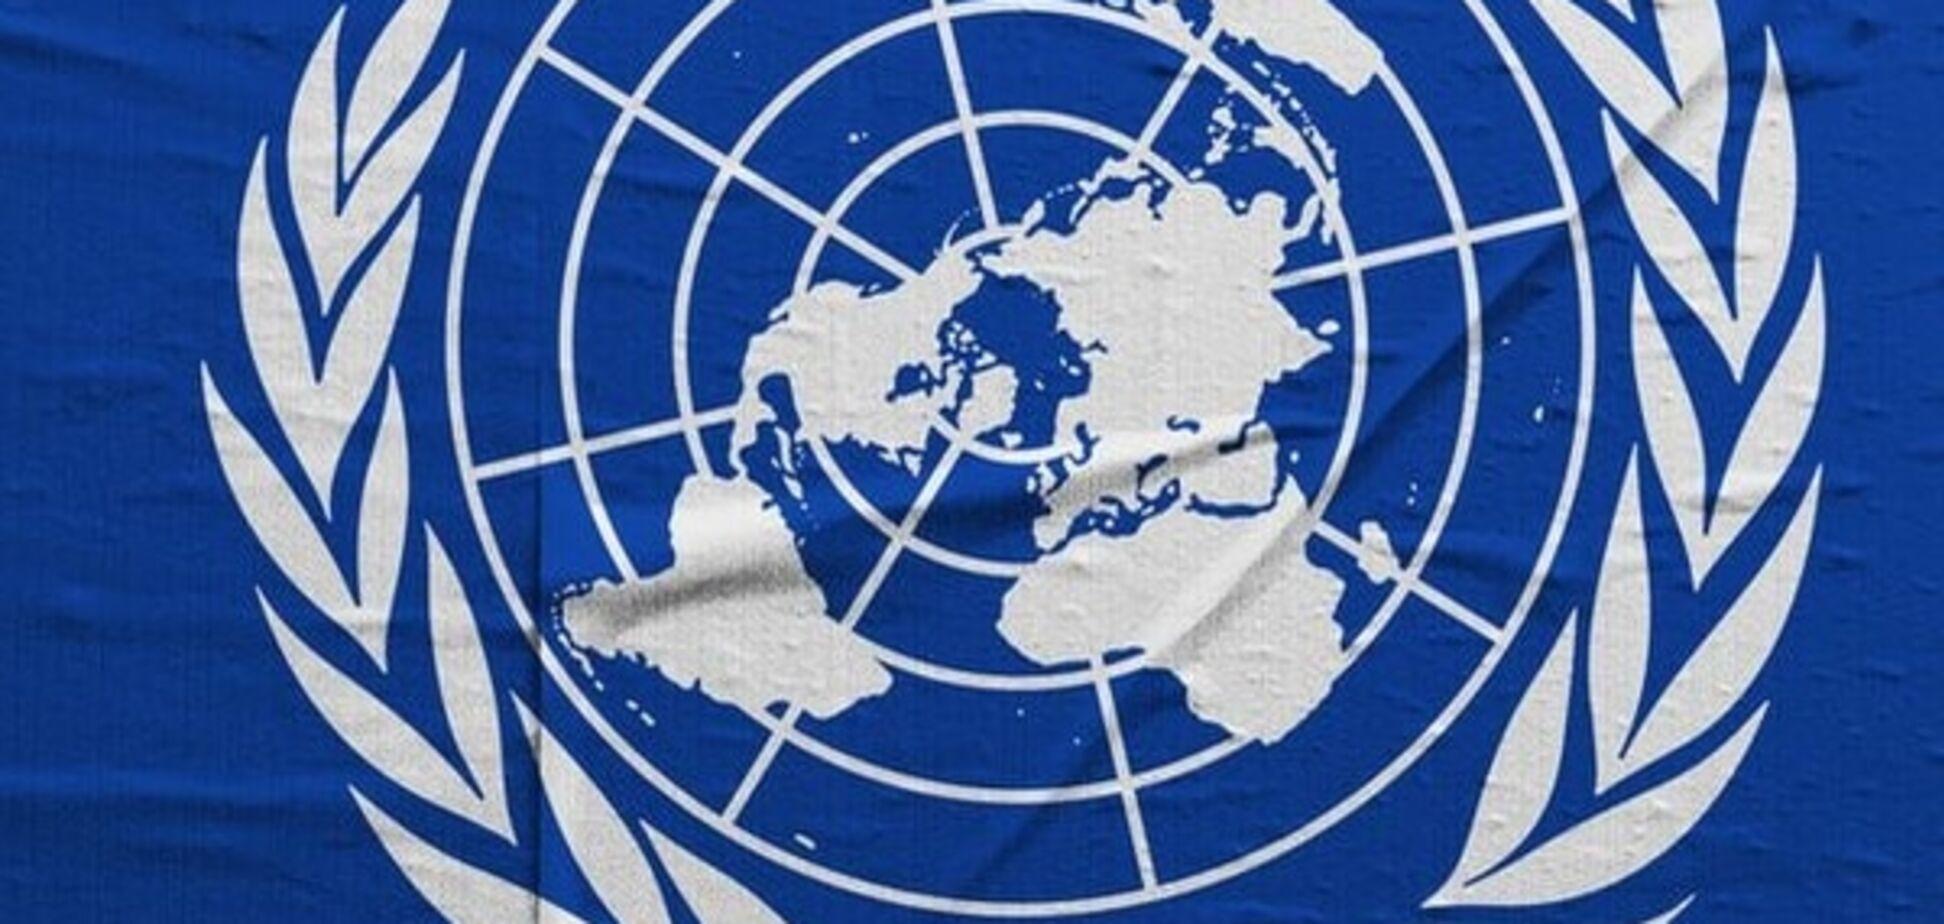 ООН: на Донбассе зафиксированы рабство, убийства, пытки и похищения людей